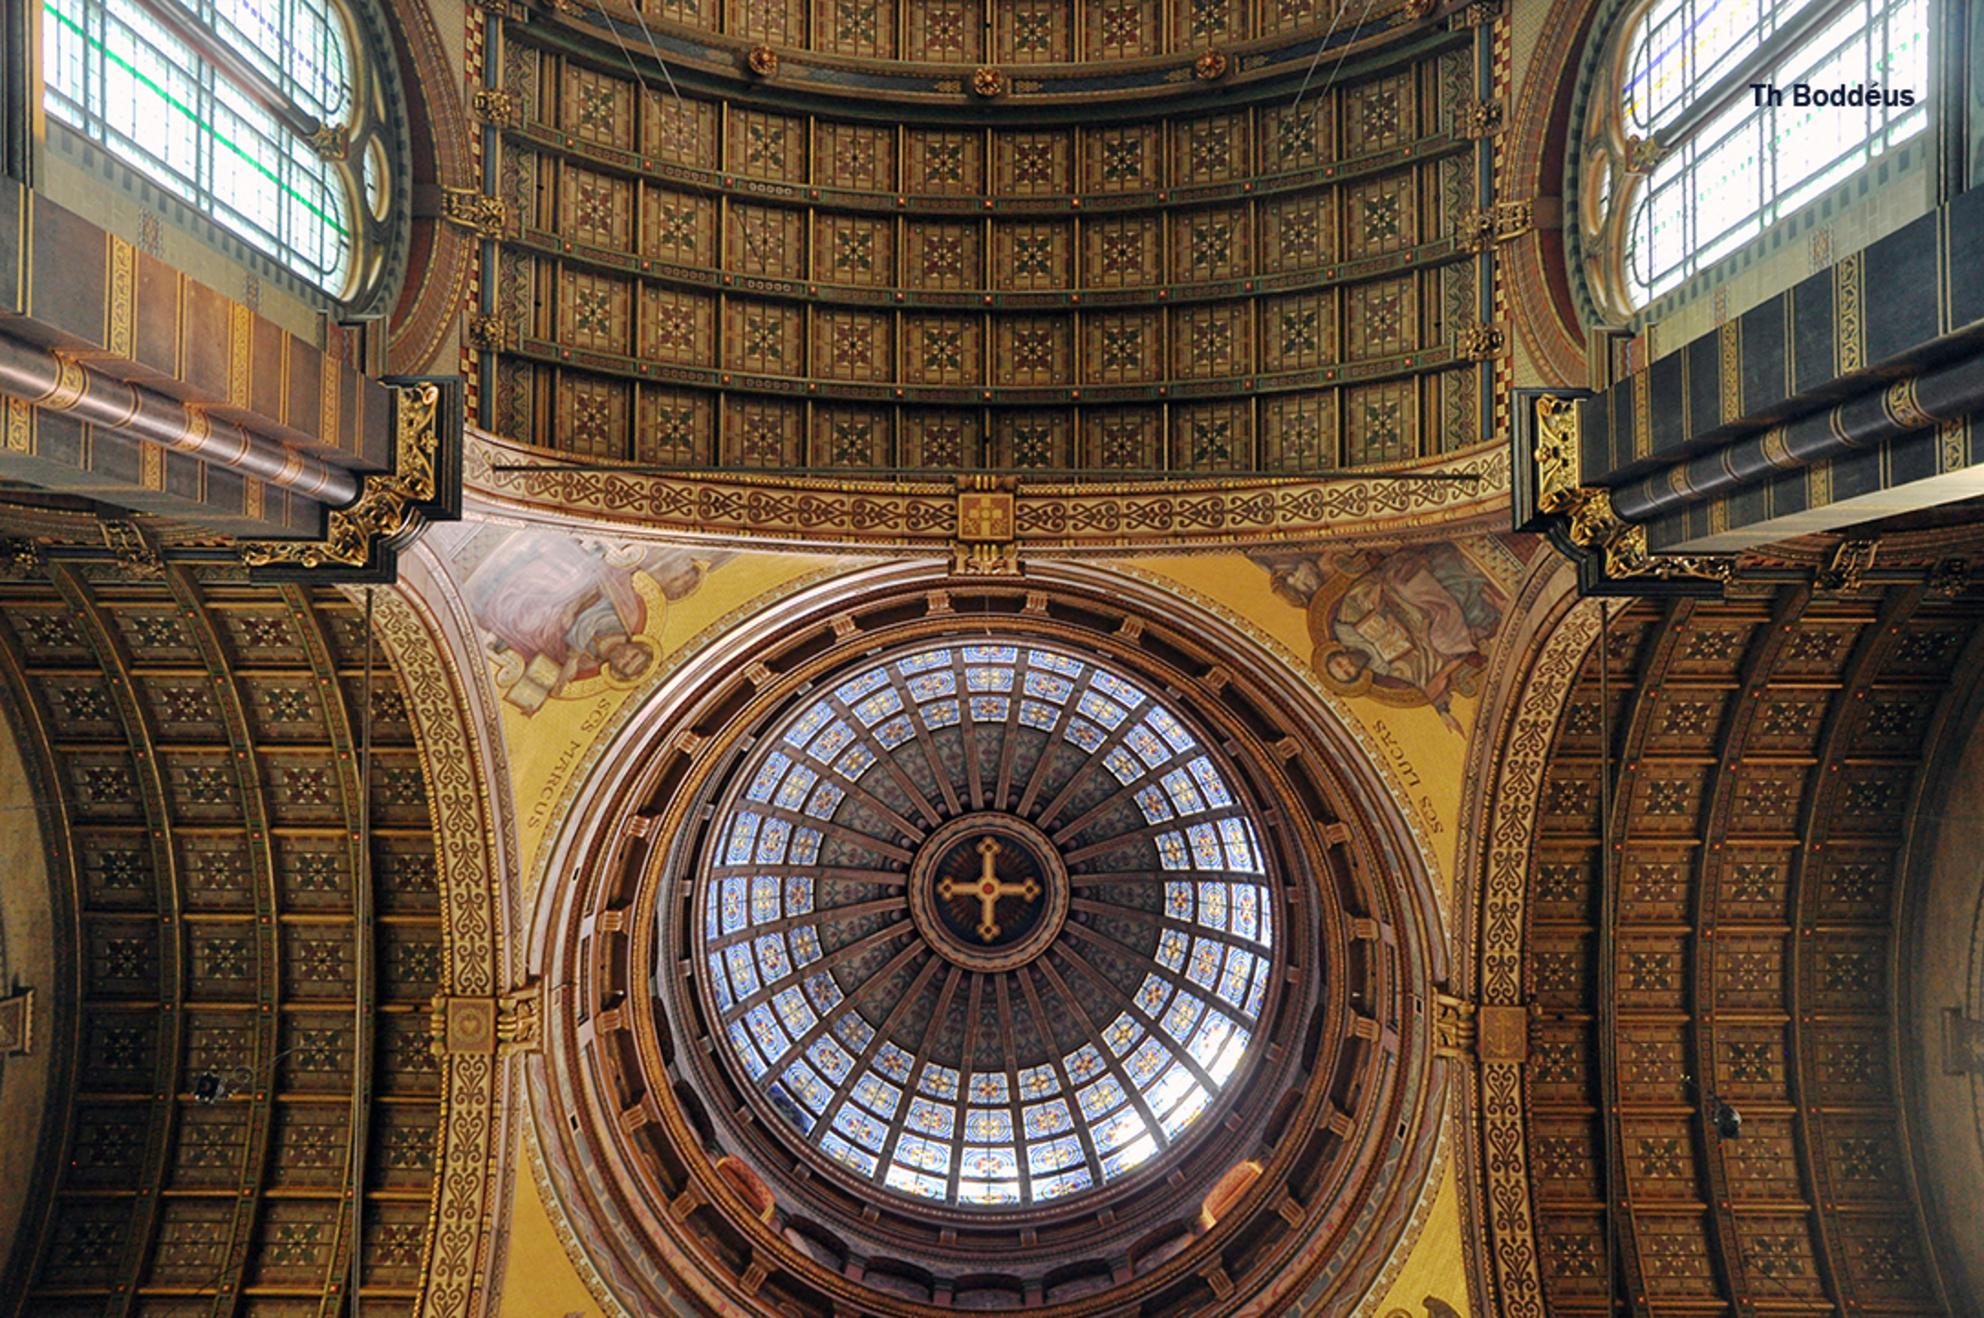 gewelf kerk 1208114922mw.jpg - St Nicolaas neogotische kerk in Amsterdam  Hier de viering met koepel - foto door boddeus E-L op 13-04-2013 - deze foto bevat: kerk, gotiek, gewelf, kopel - Deze foto mag gebruikt worden in een Zoom.nl publicatie